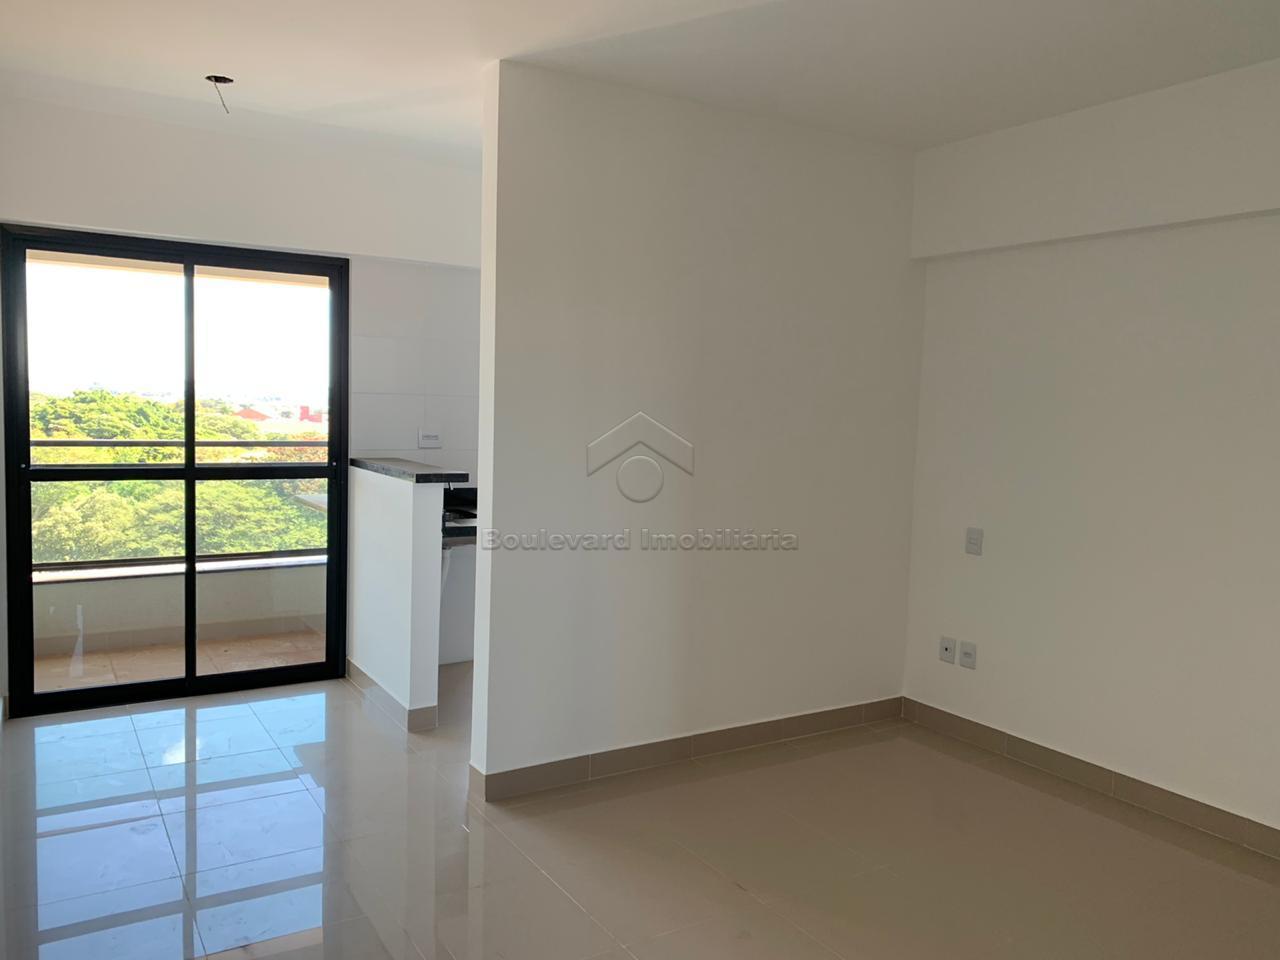 Comprar Apartamento / Kitchnet em Ribeirão Preto apenas R$ 138.000,00 - Foto 3